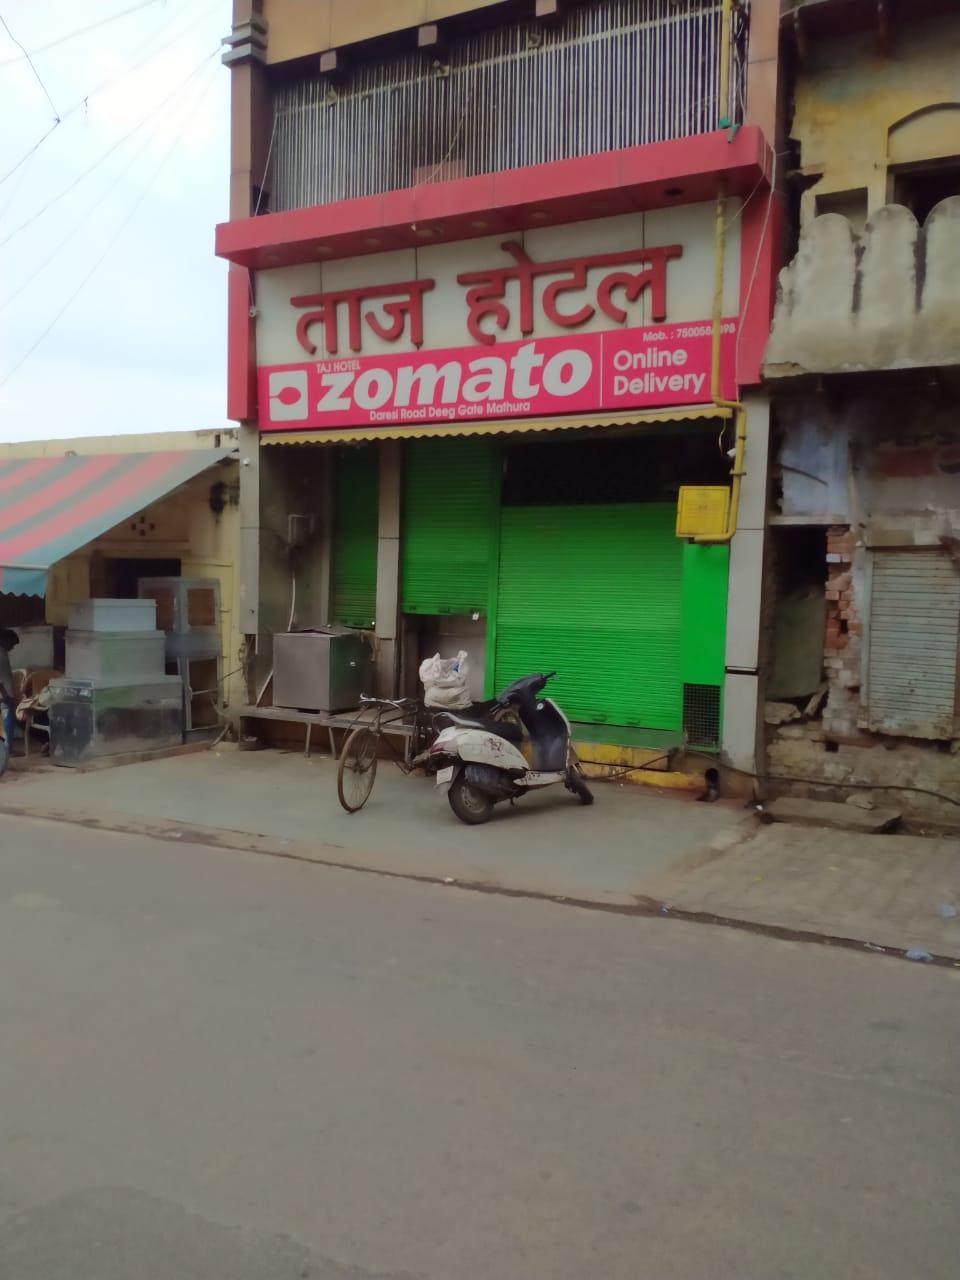 तीर्थ स्थल घोषित होने के बाद मीट की दुकानों के लायसेंस किये निरस्त , खाद्य एवं औषधी प्रशासन विभाग ने की कार्यवाही|मथुरा,Mathura - Dainik Bhaskar